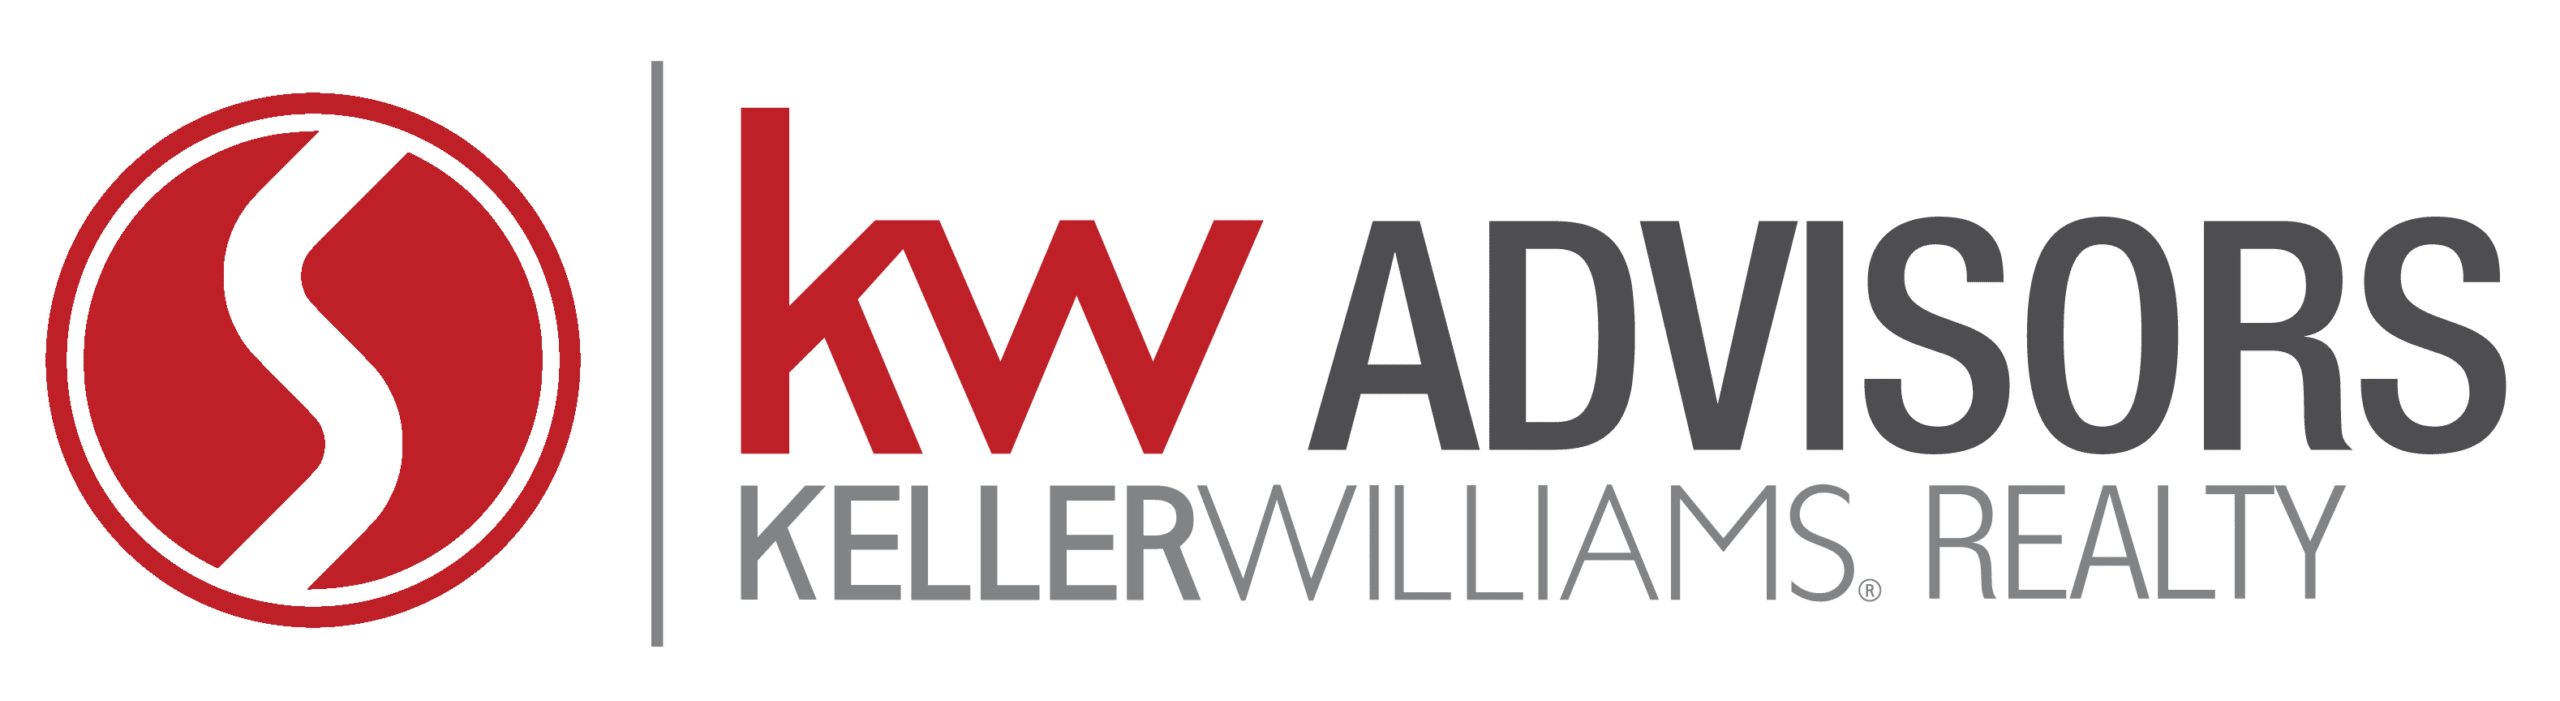 Gregg Sutter - Keller Williams Advisors